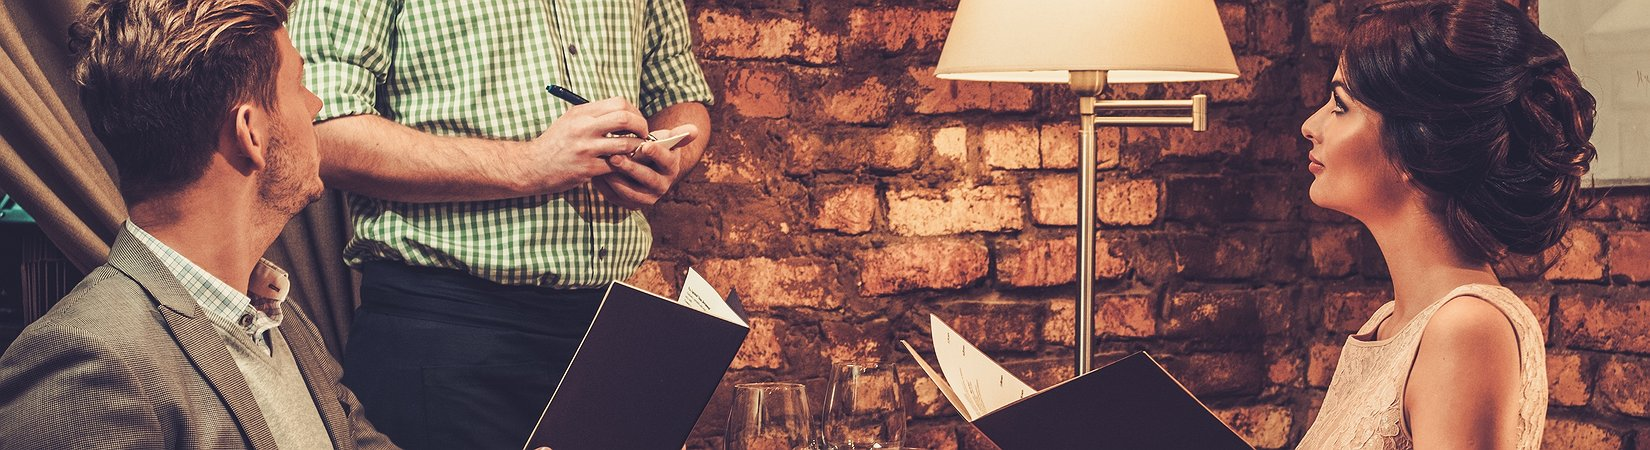 Cómo tratas a los camareros puede decir mucho sobre ti